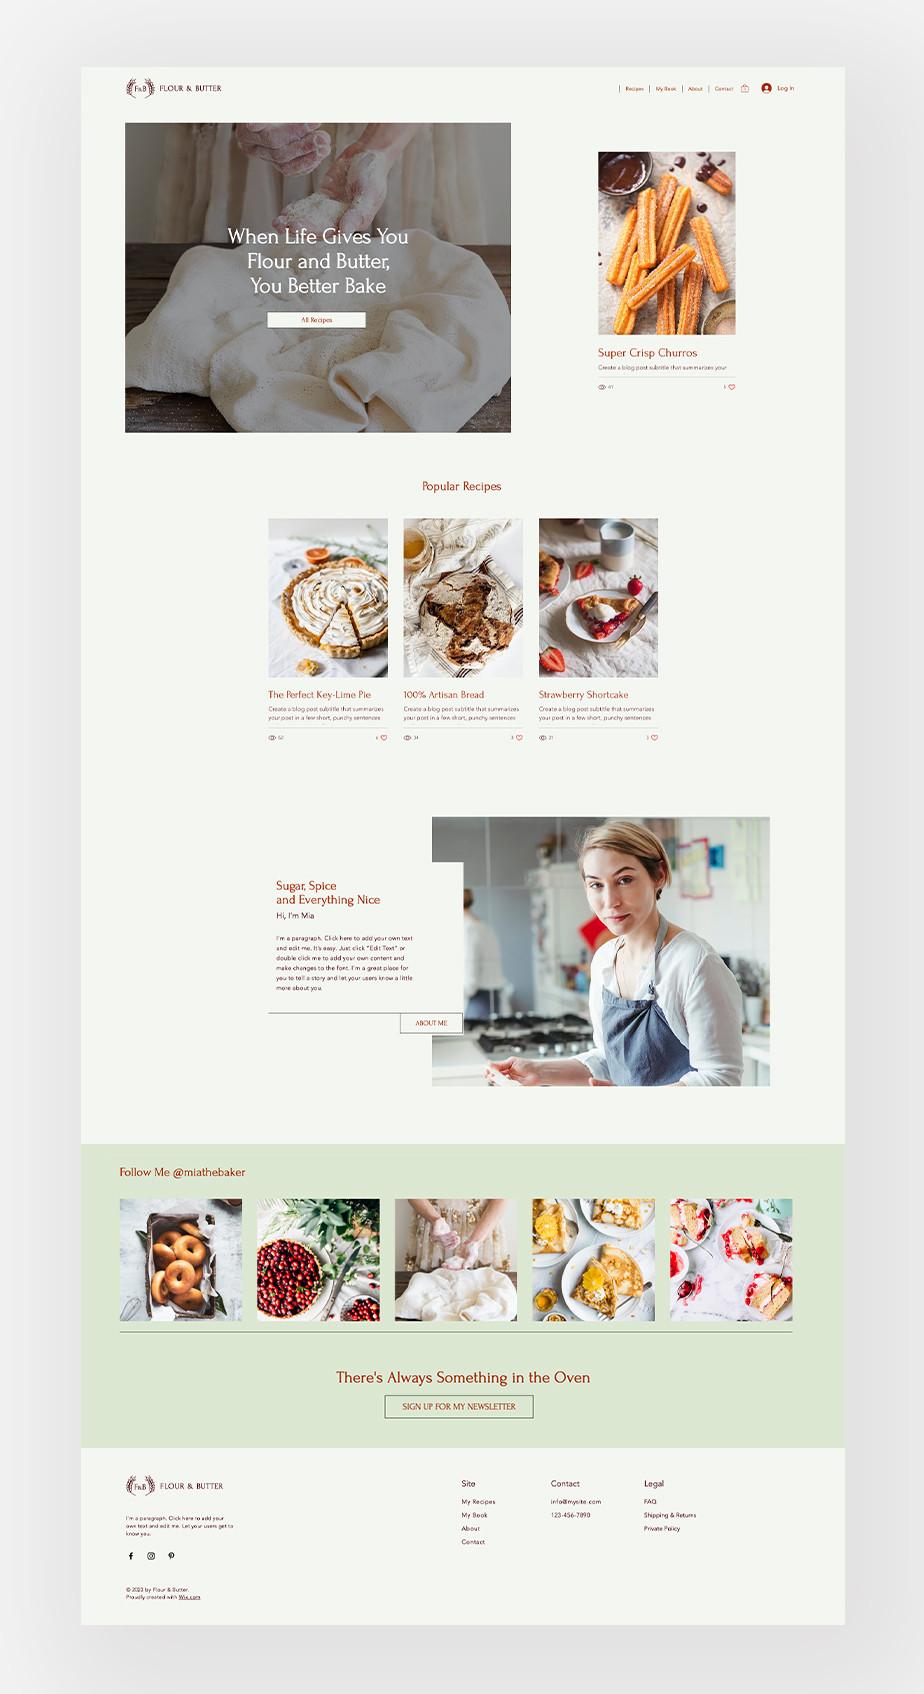 식음료와 관련된 주제를 다루는 블로그 게시물 이미지